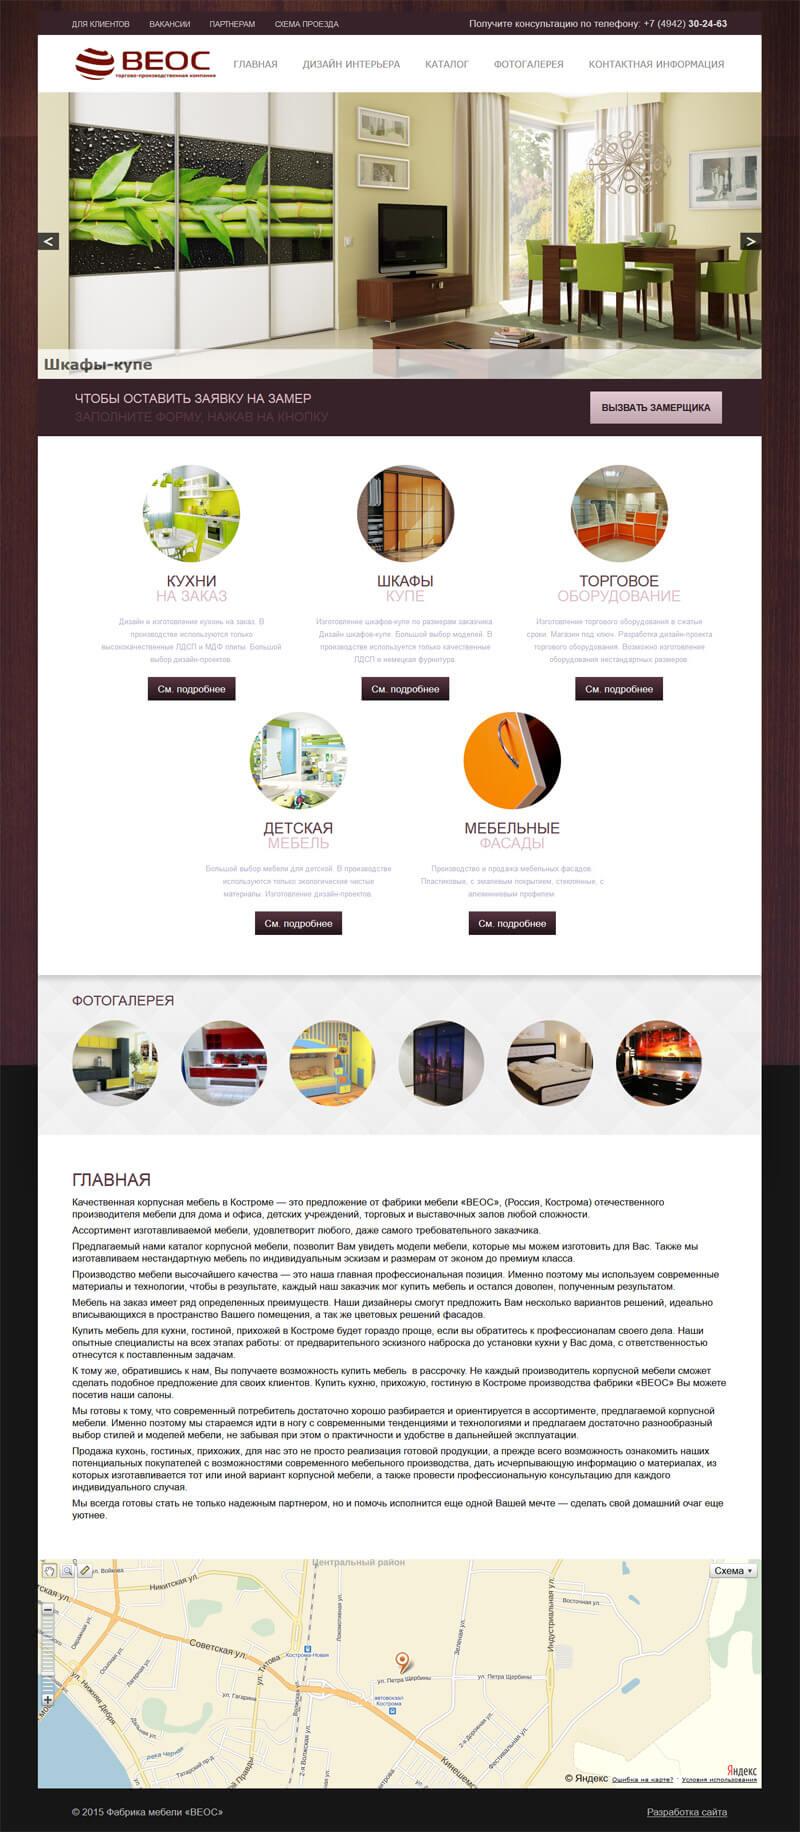 Сайт мебельной компании Веос